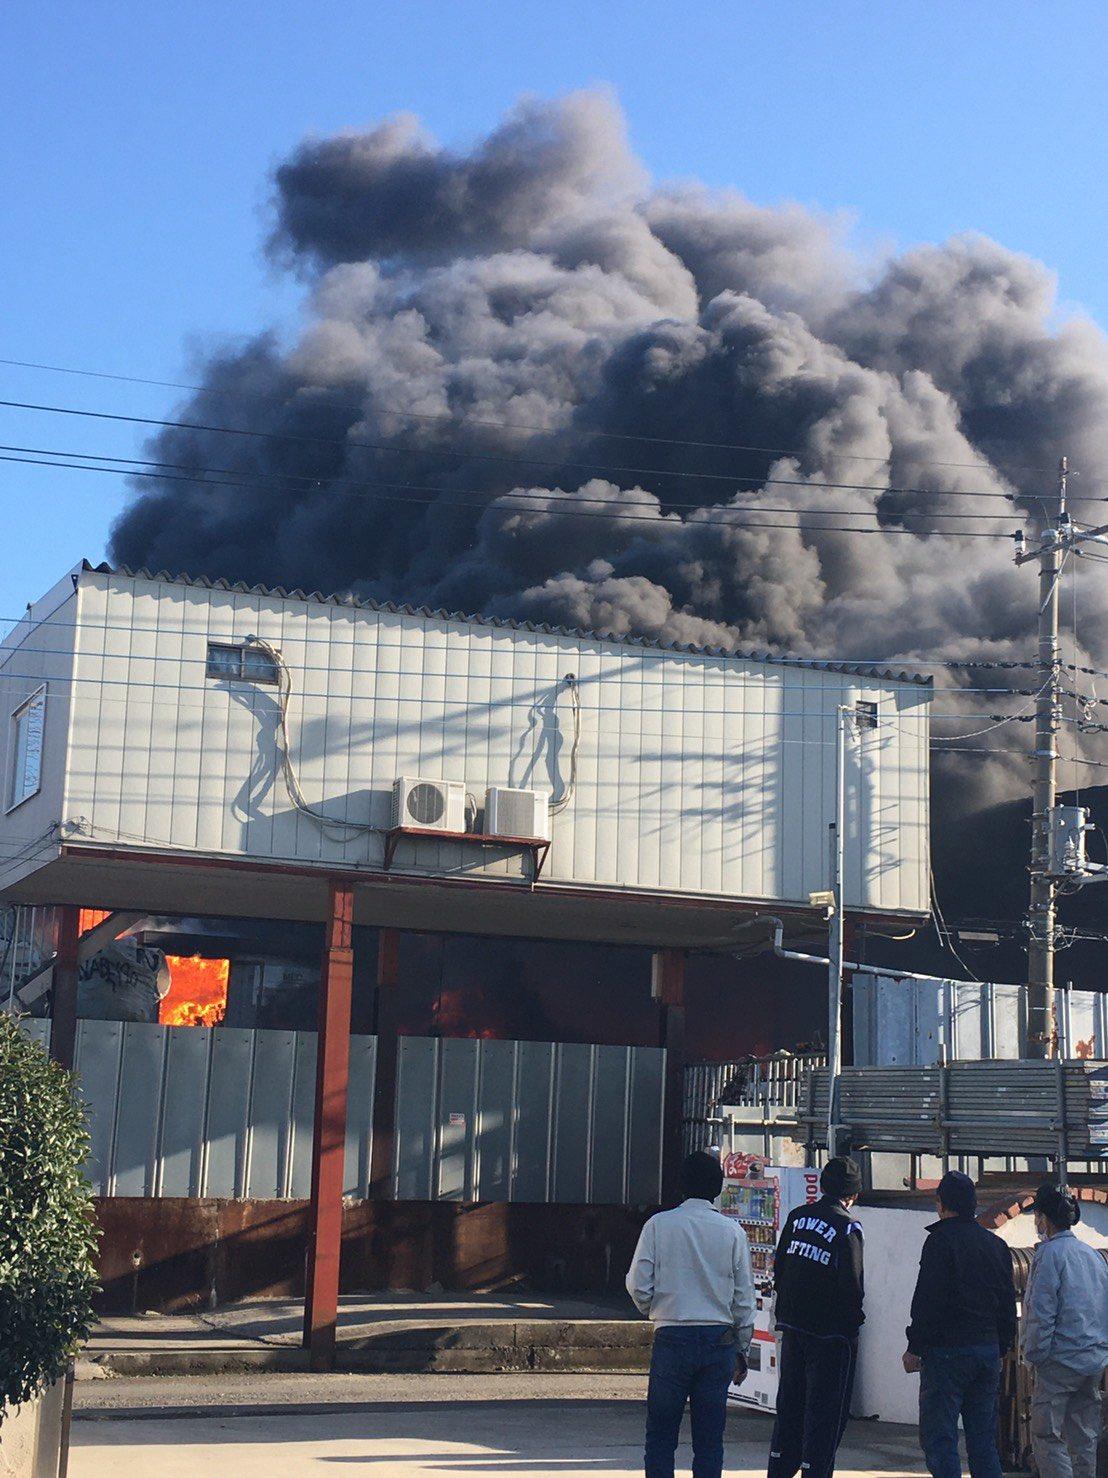 三郷市小谷堀で大規模な火事が起きている現場画像